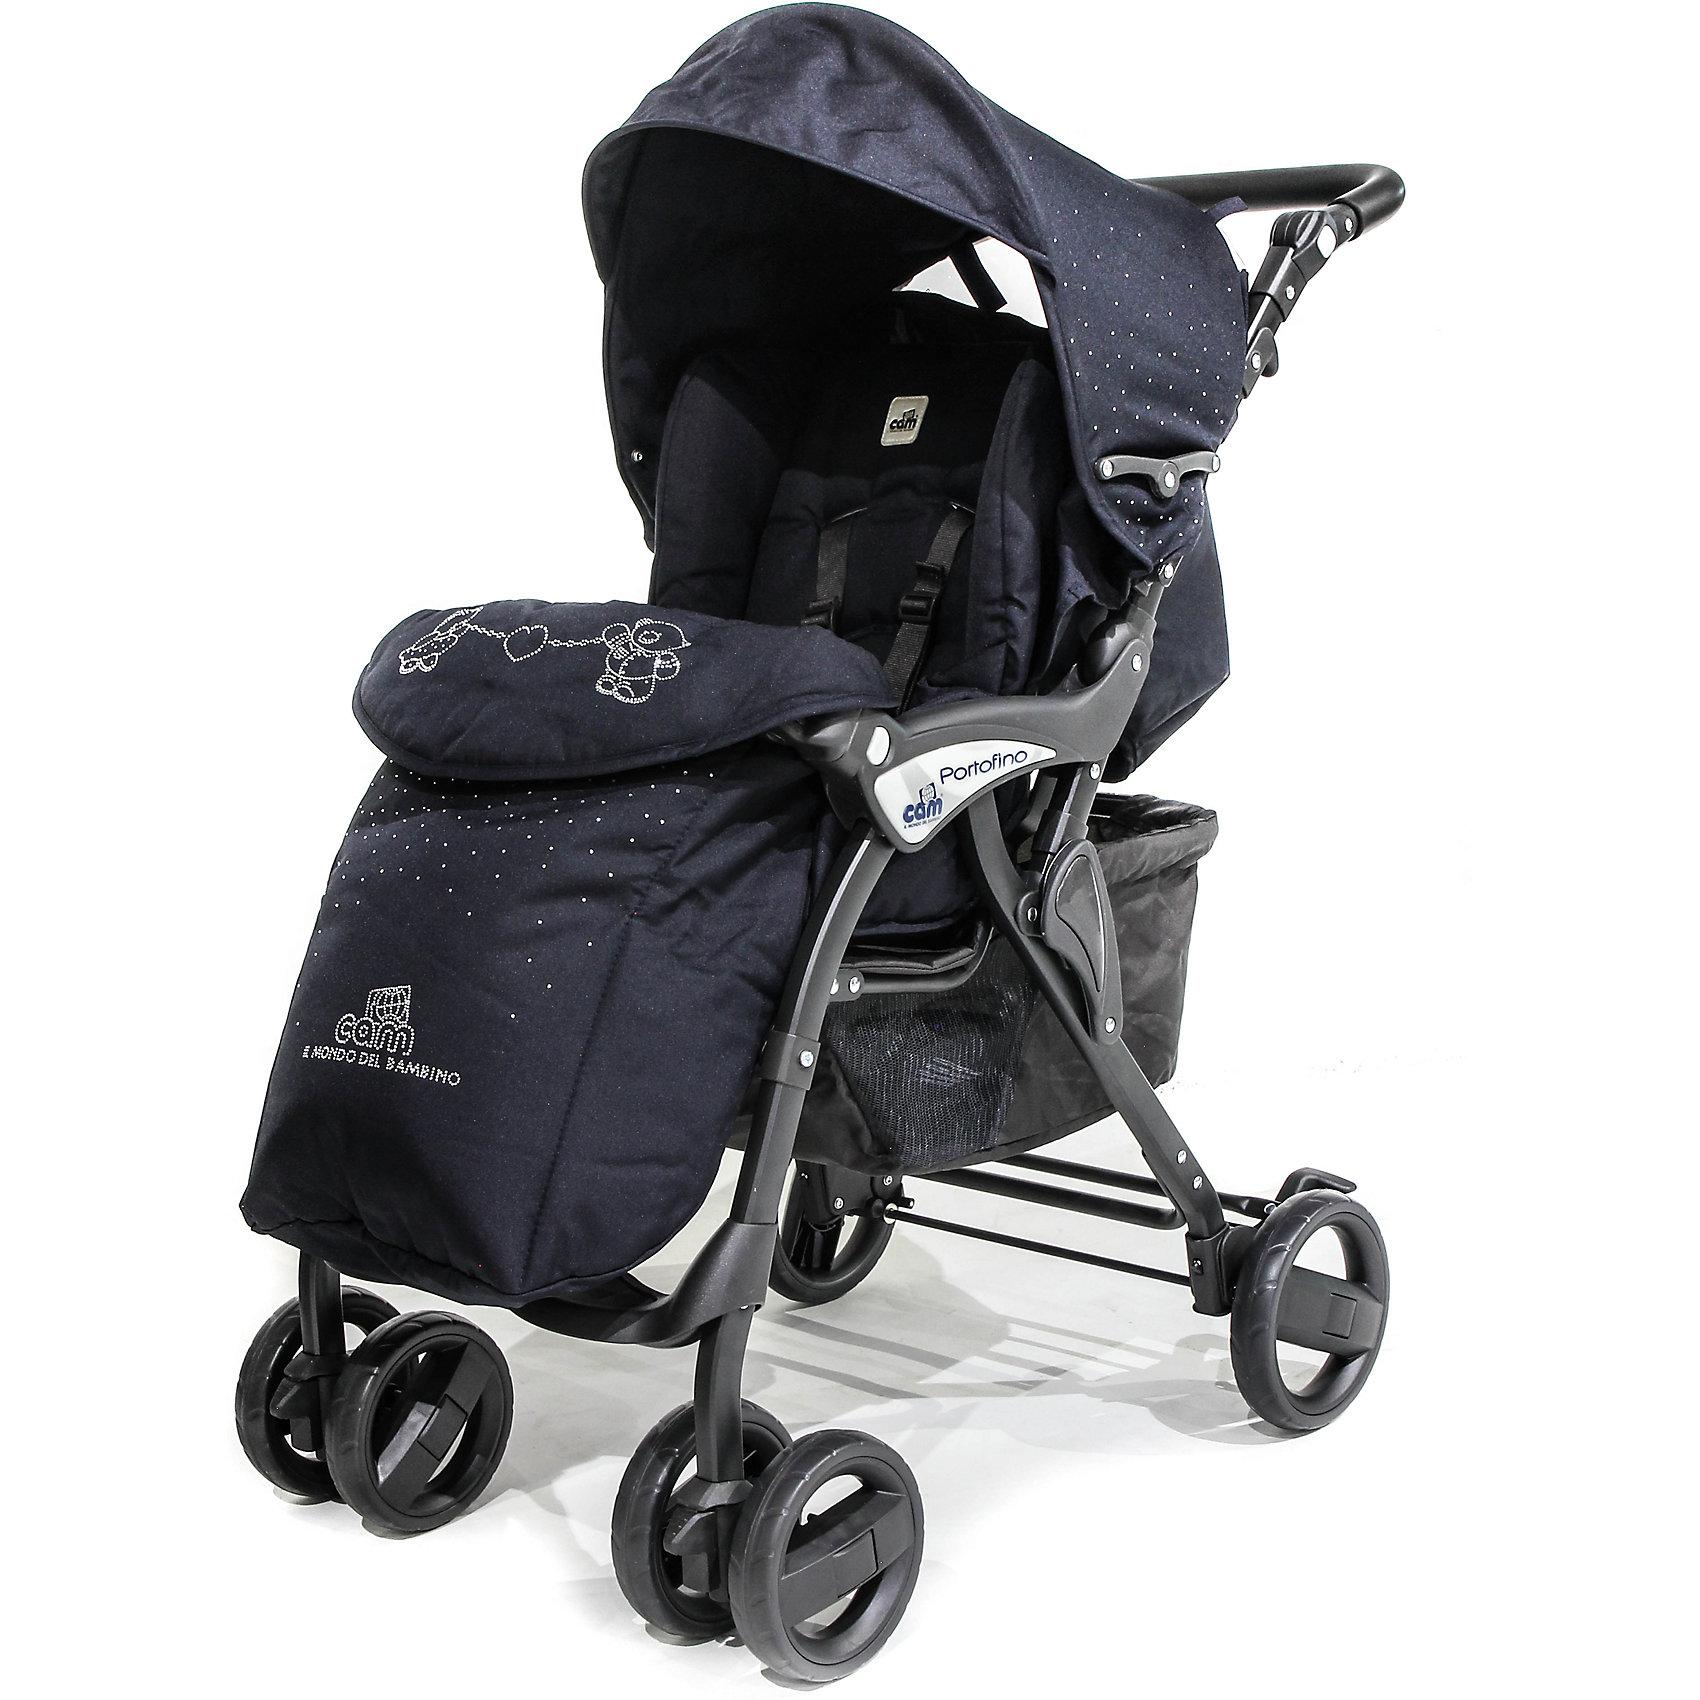 Прогулочная коляска CAM Portofino Ex с кристаллами, синийПрогулочные коляски<br>легкая прогулочная коляска для детей от рождения до 3-4 лет. Имеет все качества, которые можно пожелать. В этой коляске ребенку будет не только удобно гулять, но и спать (спинка раскладывается  в 4-х положениях до положения лежа). Коляска маневренная, практичная, легко и компактно складывается, есть удобная ручка для переноски. Прогулочная коляска Cam Portofino сделана из нетоксичных современных материалов, в соответствии с европейским стандартом качества детских товаров.<br>В комплекте:<br>накидка на ножки<br>дождевик<br>корзина для покупок<br>складывается книжкой <br>Общие размеры:<br>в разложенном виде (дхшхв) 80x49x100 см<br>в сложенном виде (дxшxв) 50x39x83 см<br>вес коляски 7,6 кг<br><br>Ширина мм: 743<br>Глубина мм: 432<br>Высота мм: 210<br>Вес г: 8500<br>Возраст от месяцев: 0<br>Возраст до месяцев: 36<br>Пол: Унисекс<br>Возраст: Детский<br>SKU: 5607562